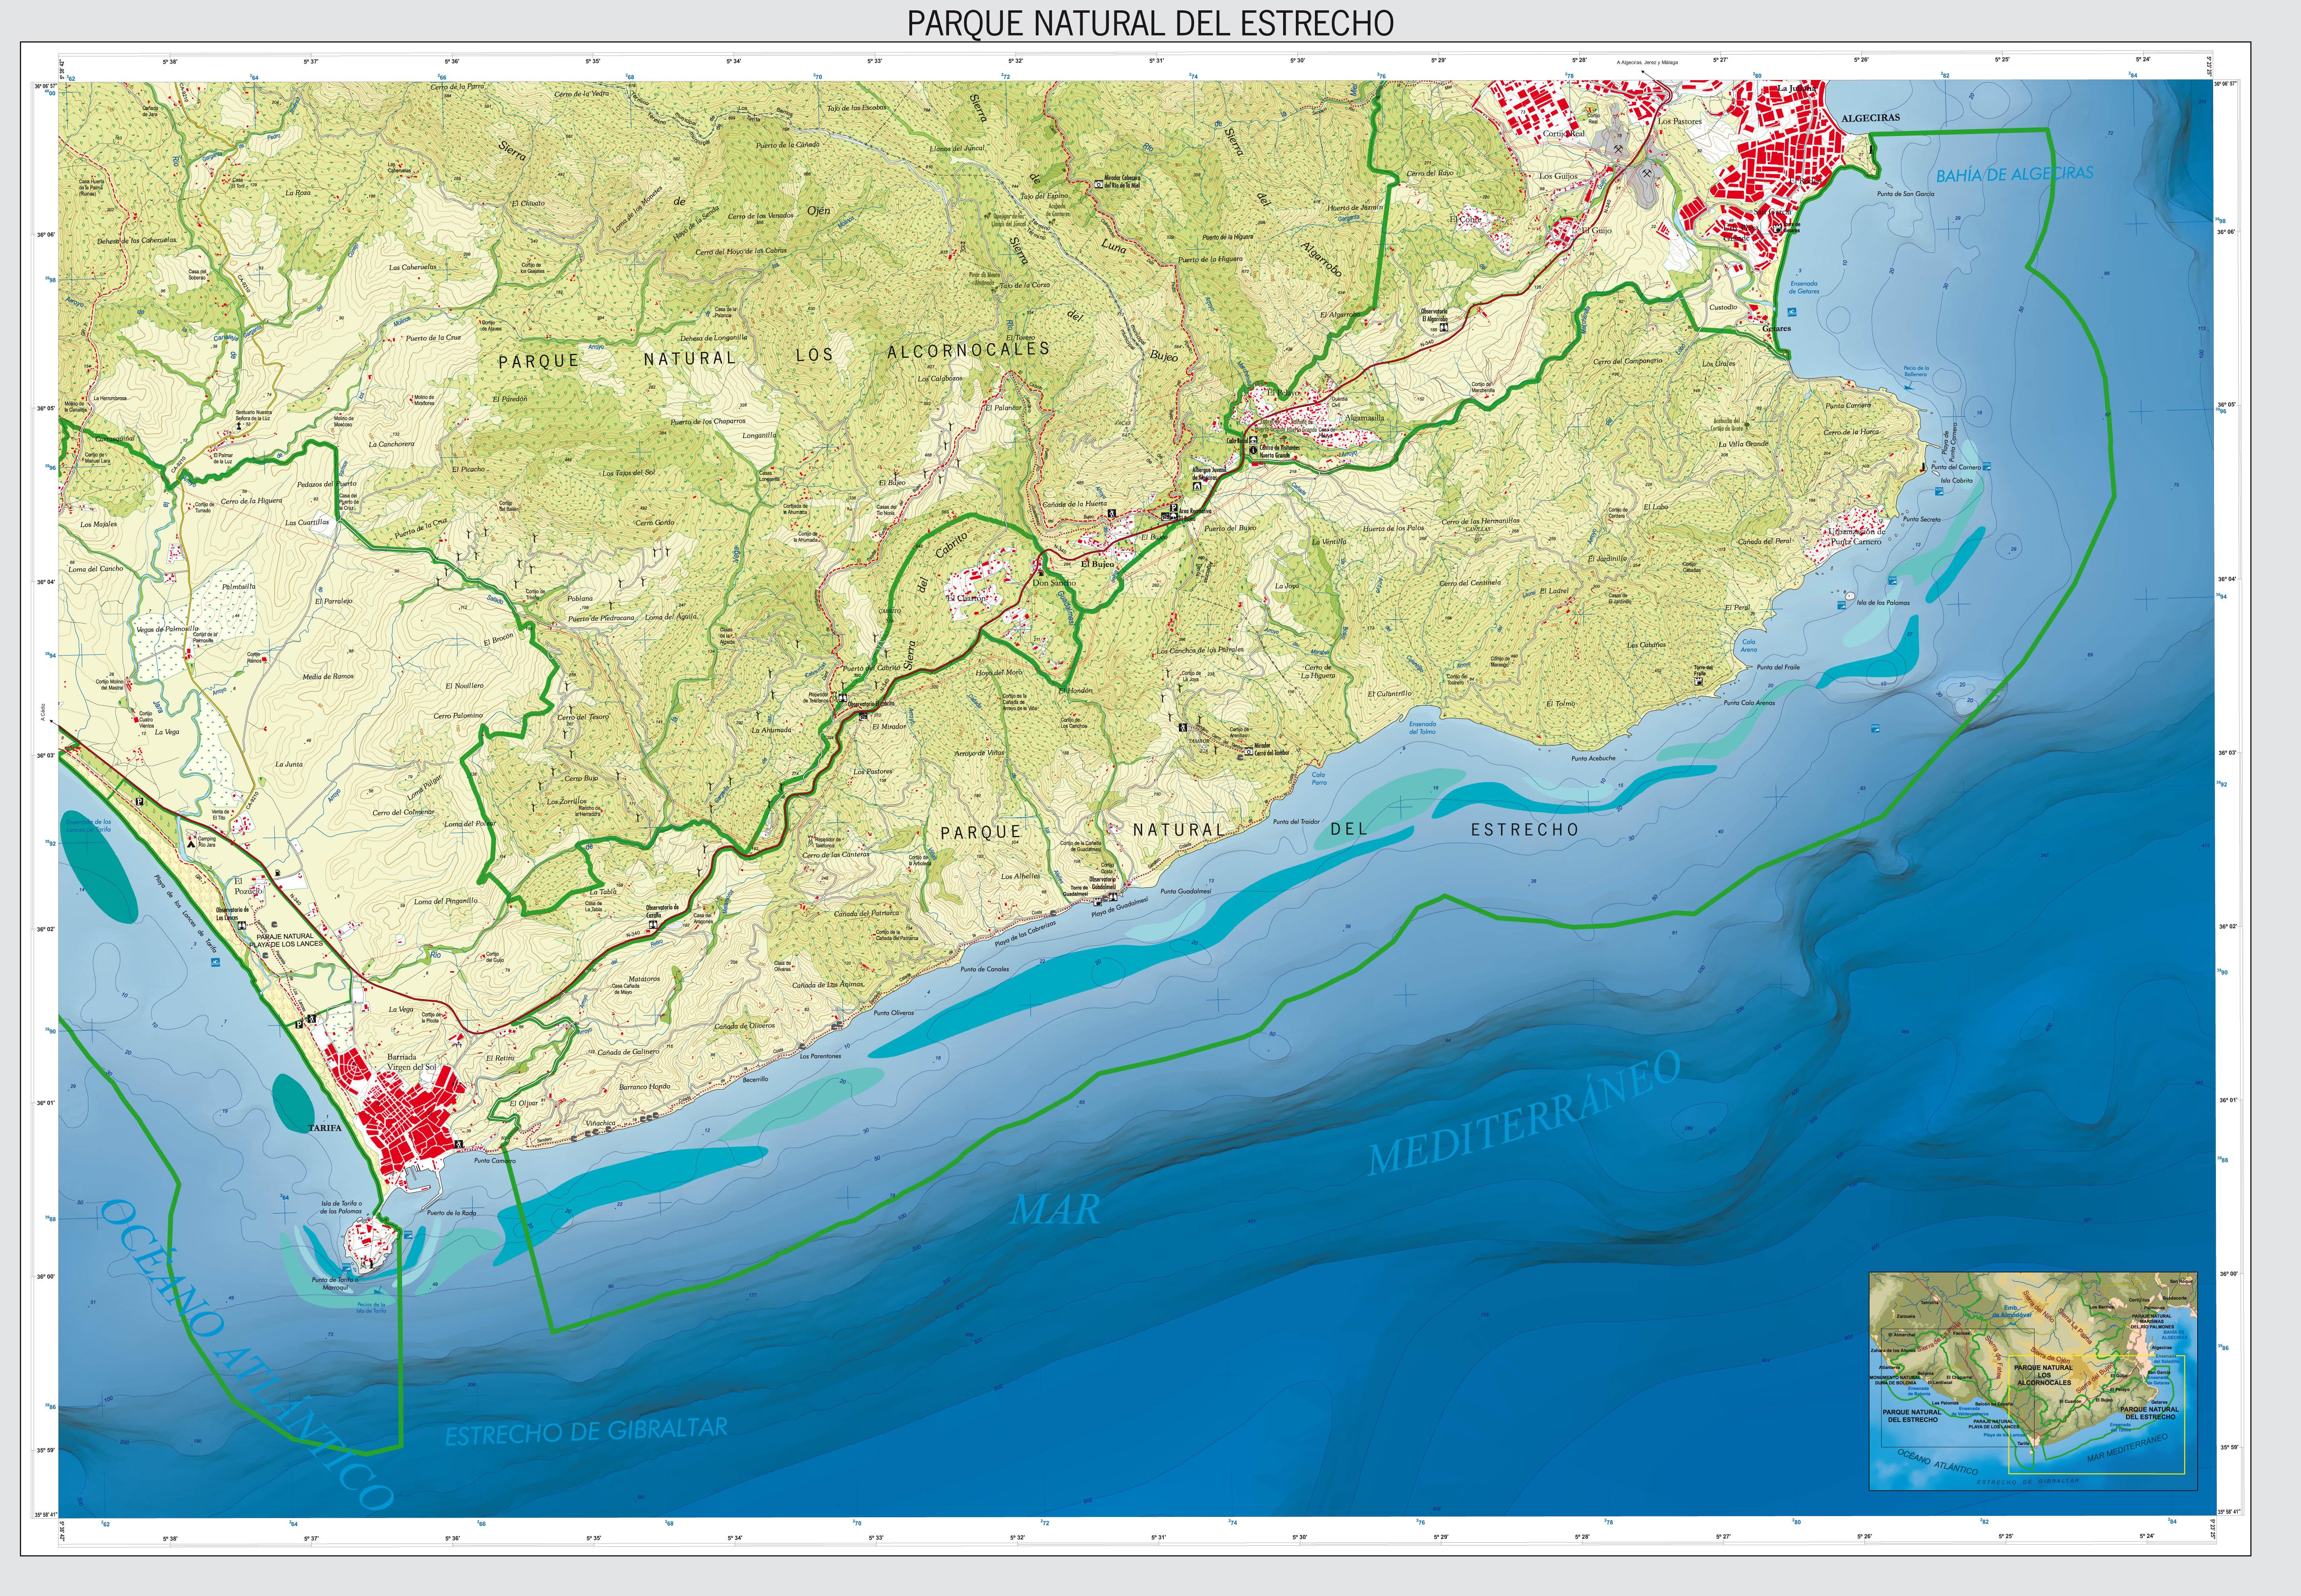 Zona oriental Parque Natural del Estrecho 2008